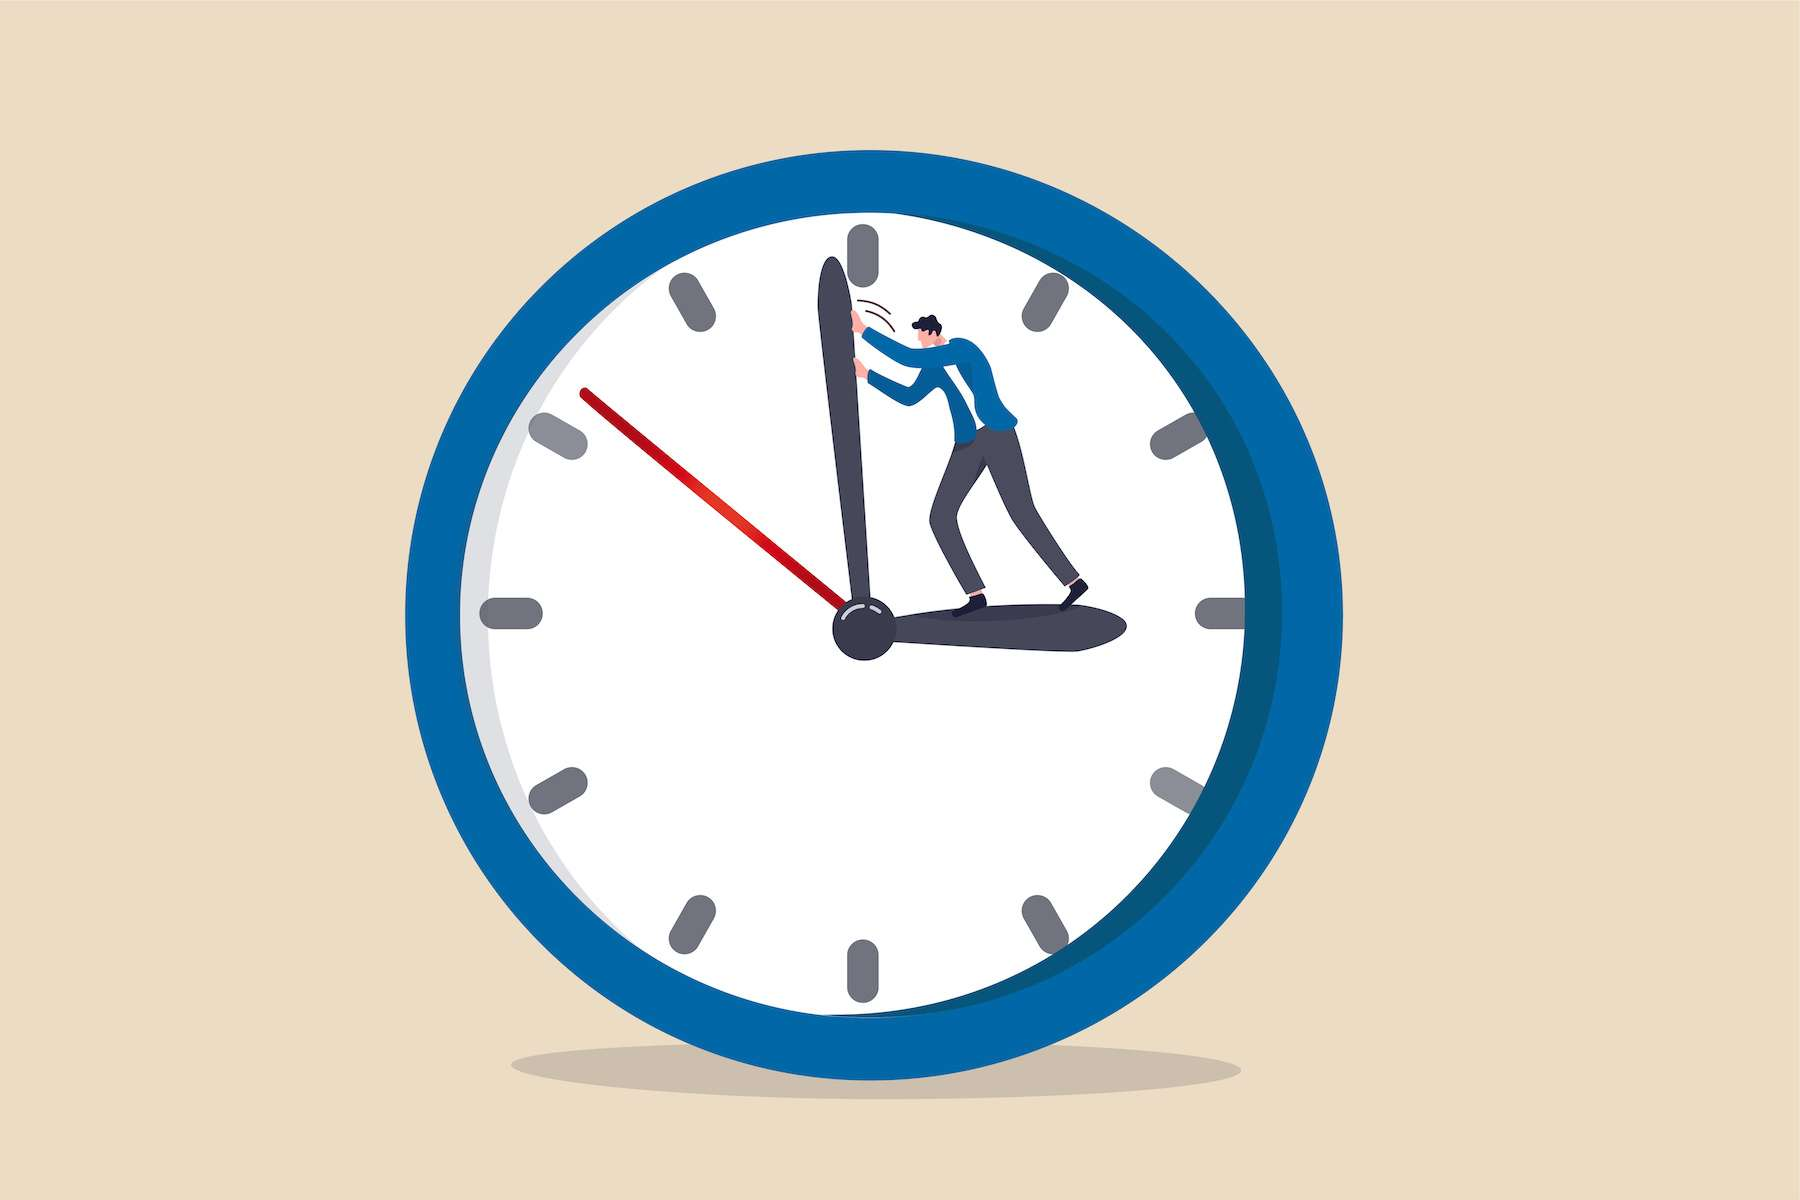 L'âge biologique peut s'inverser en suivant un mode de vie sain et un régime strict durant 8 semaines. © Nuthawut, Adobe Stock